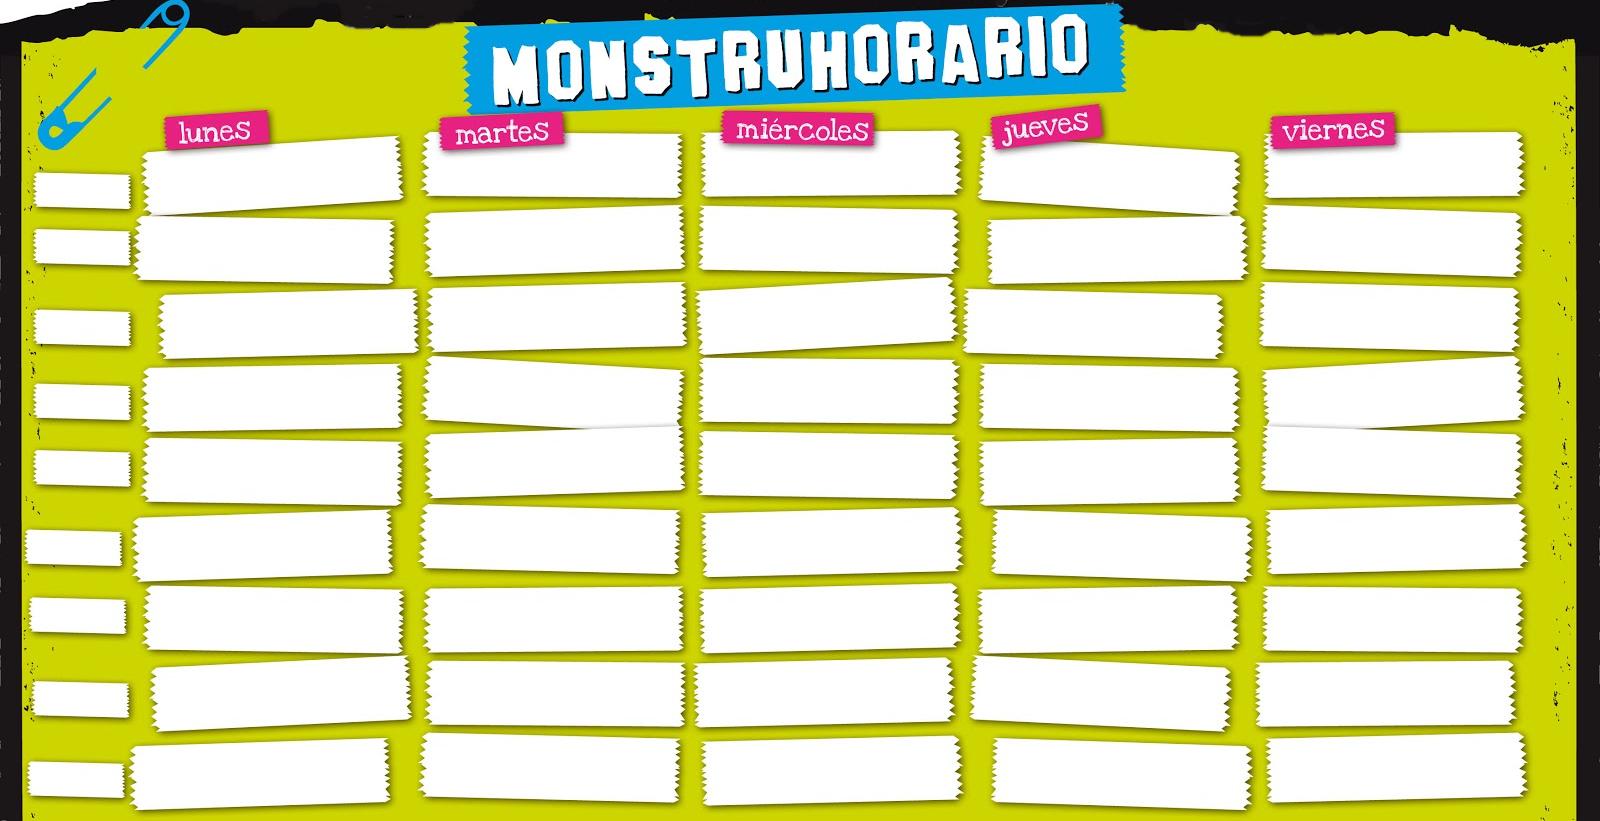 Monstruhorario